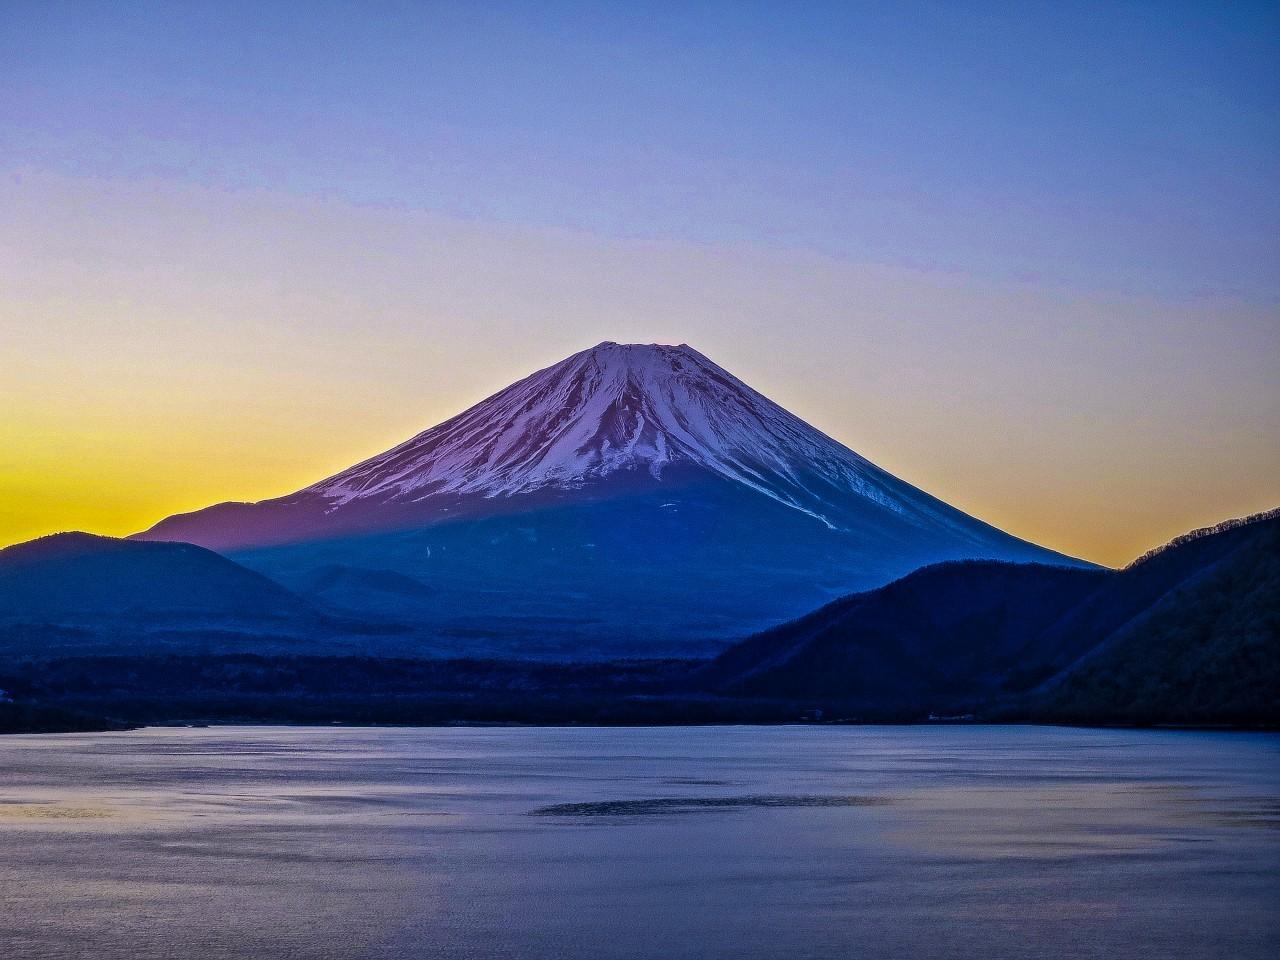 2020.3.6早朝の富士山(本栖湖)_e0321032_15350703.jpg